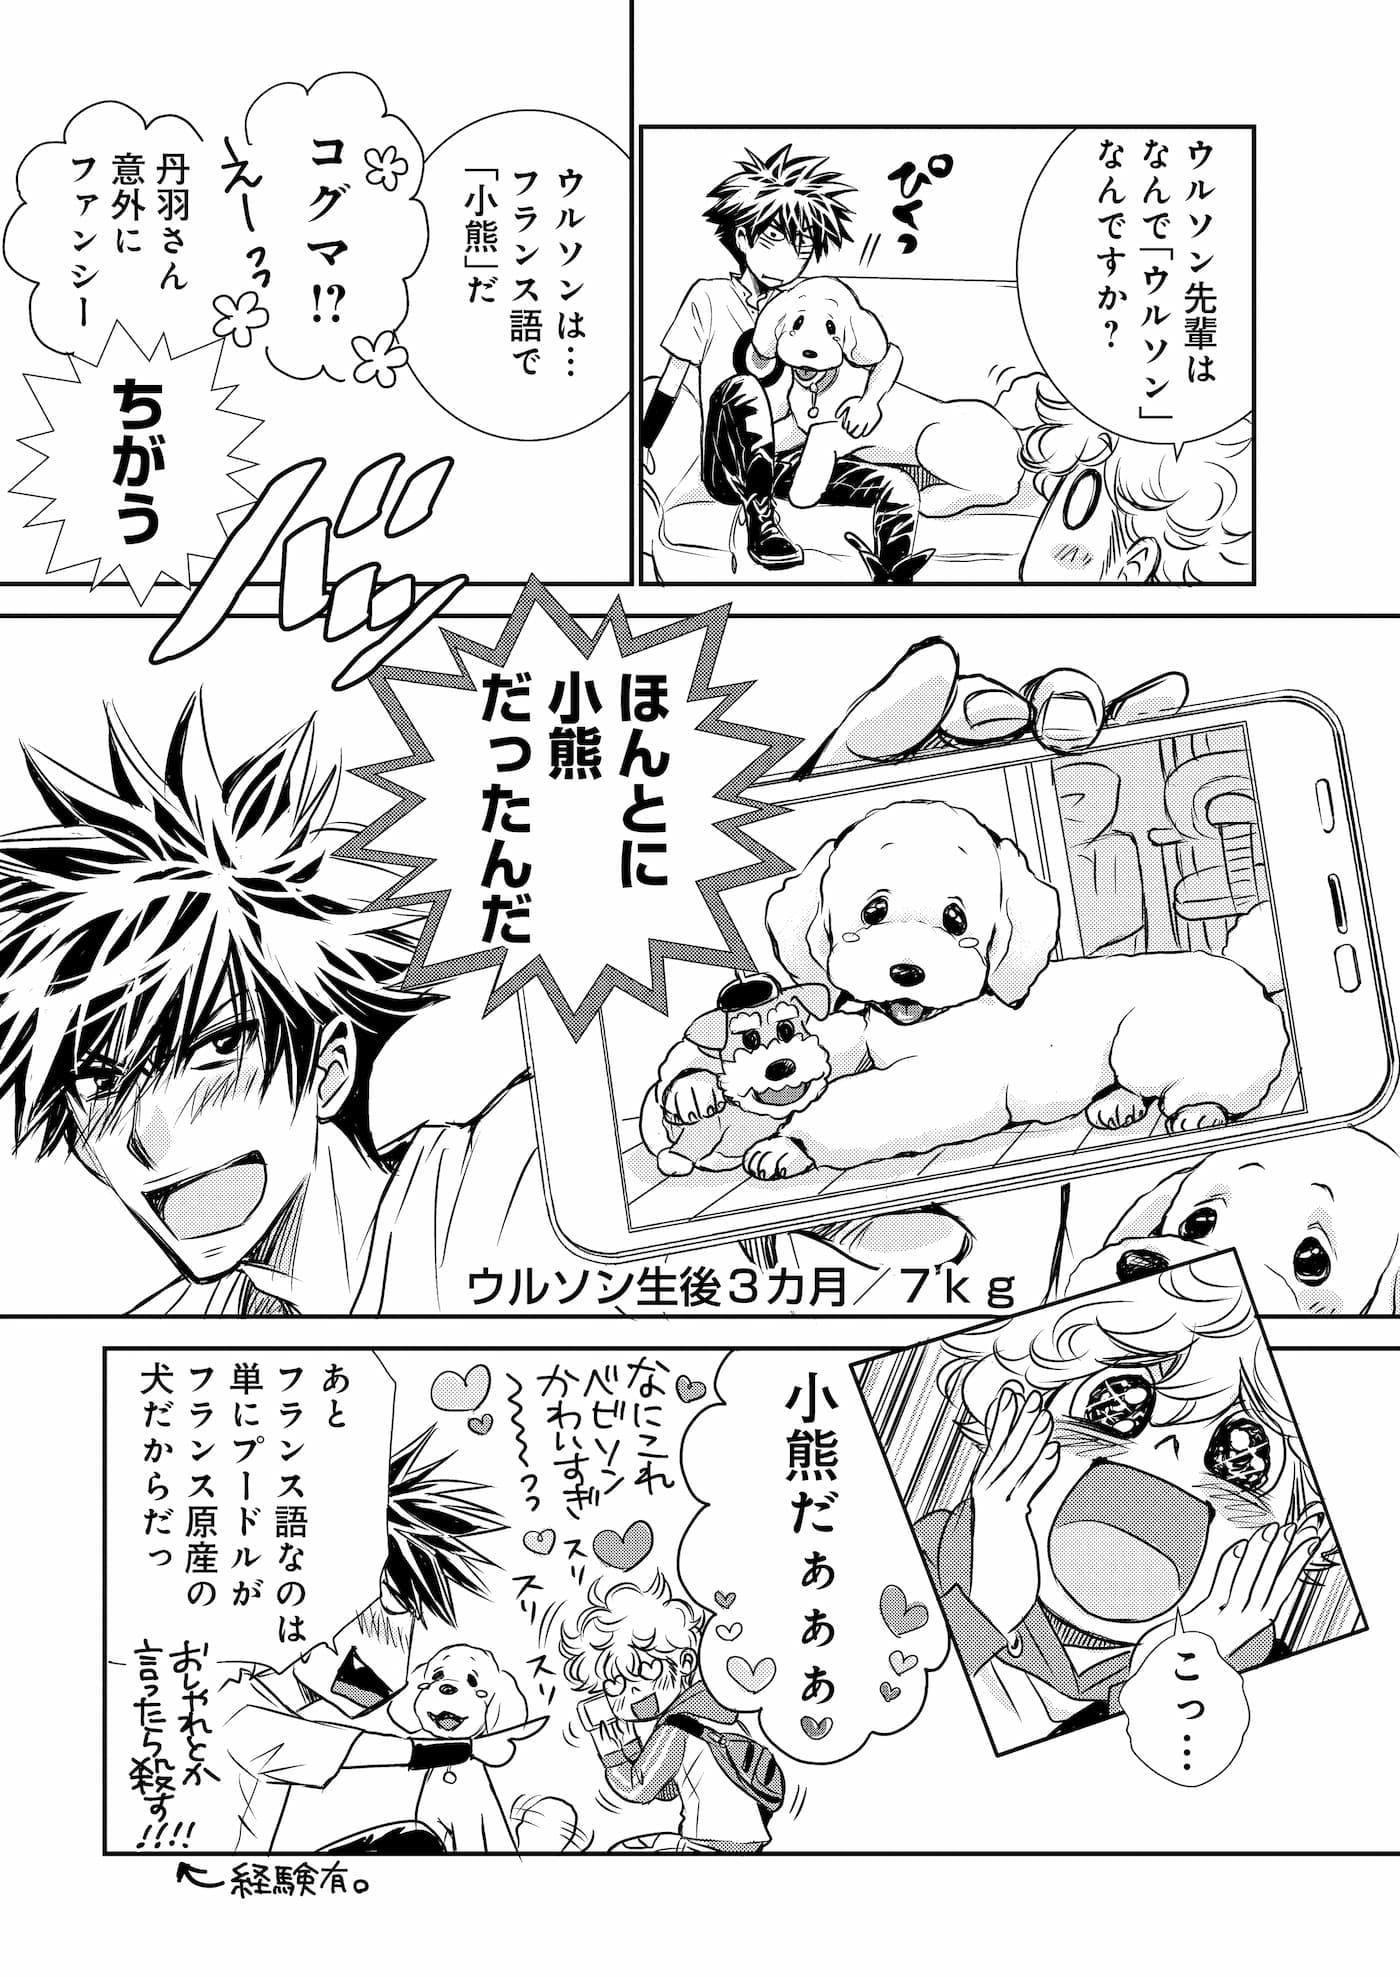 『DOG SIGNAL』3話目④ 3ページ目